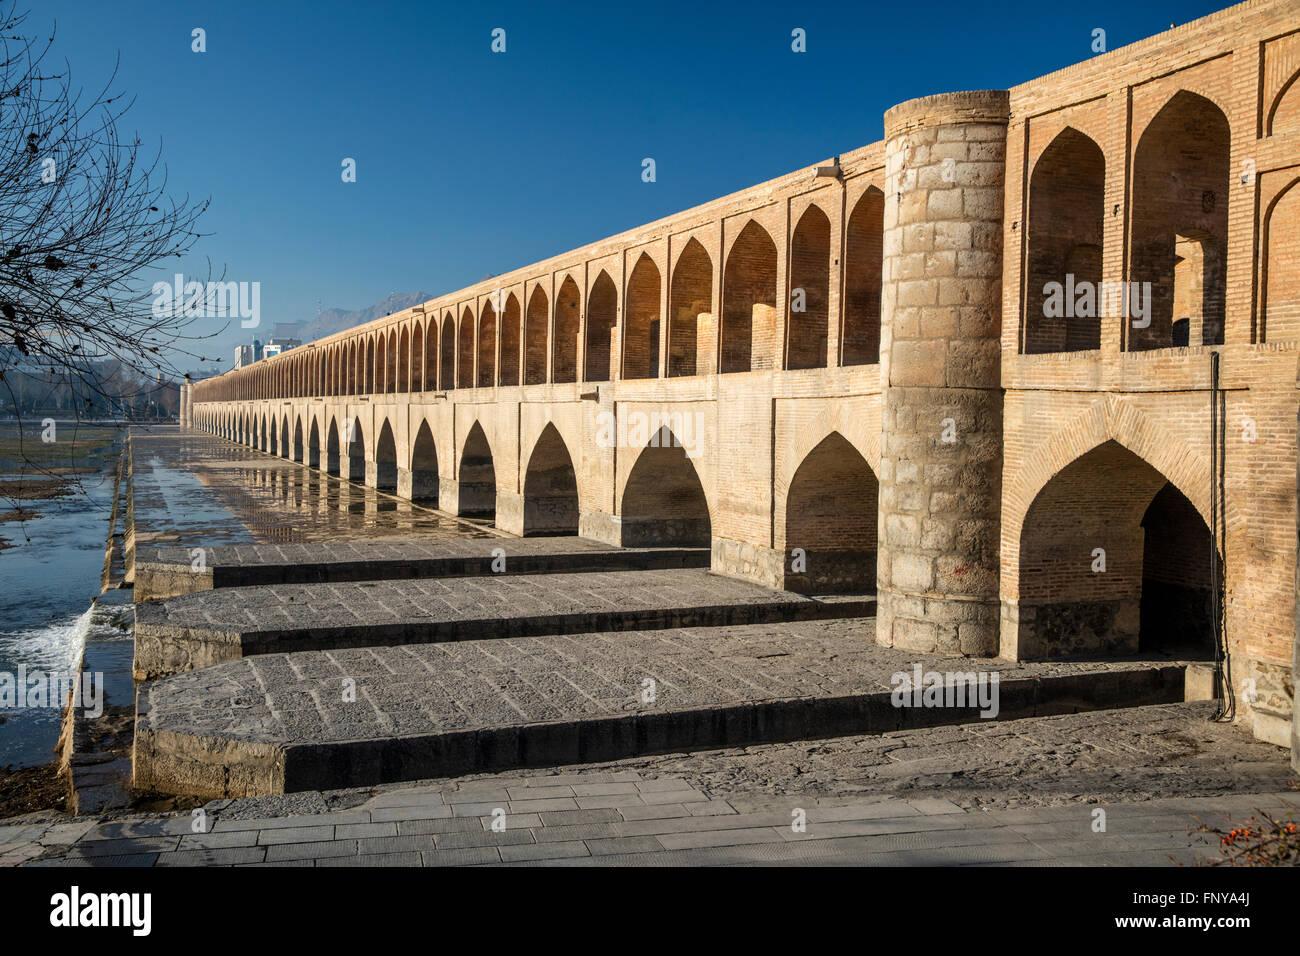 Tôt le matin sur le pont Allahverdi Khan (Se-O-se Pol, 33 Arches pont) sur la rivière Zayandeh, Isfahan, Photo Stock